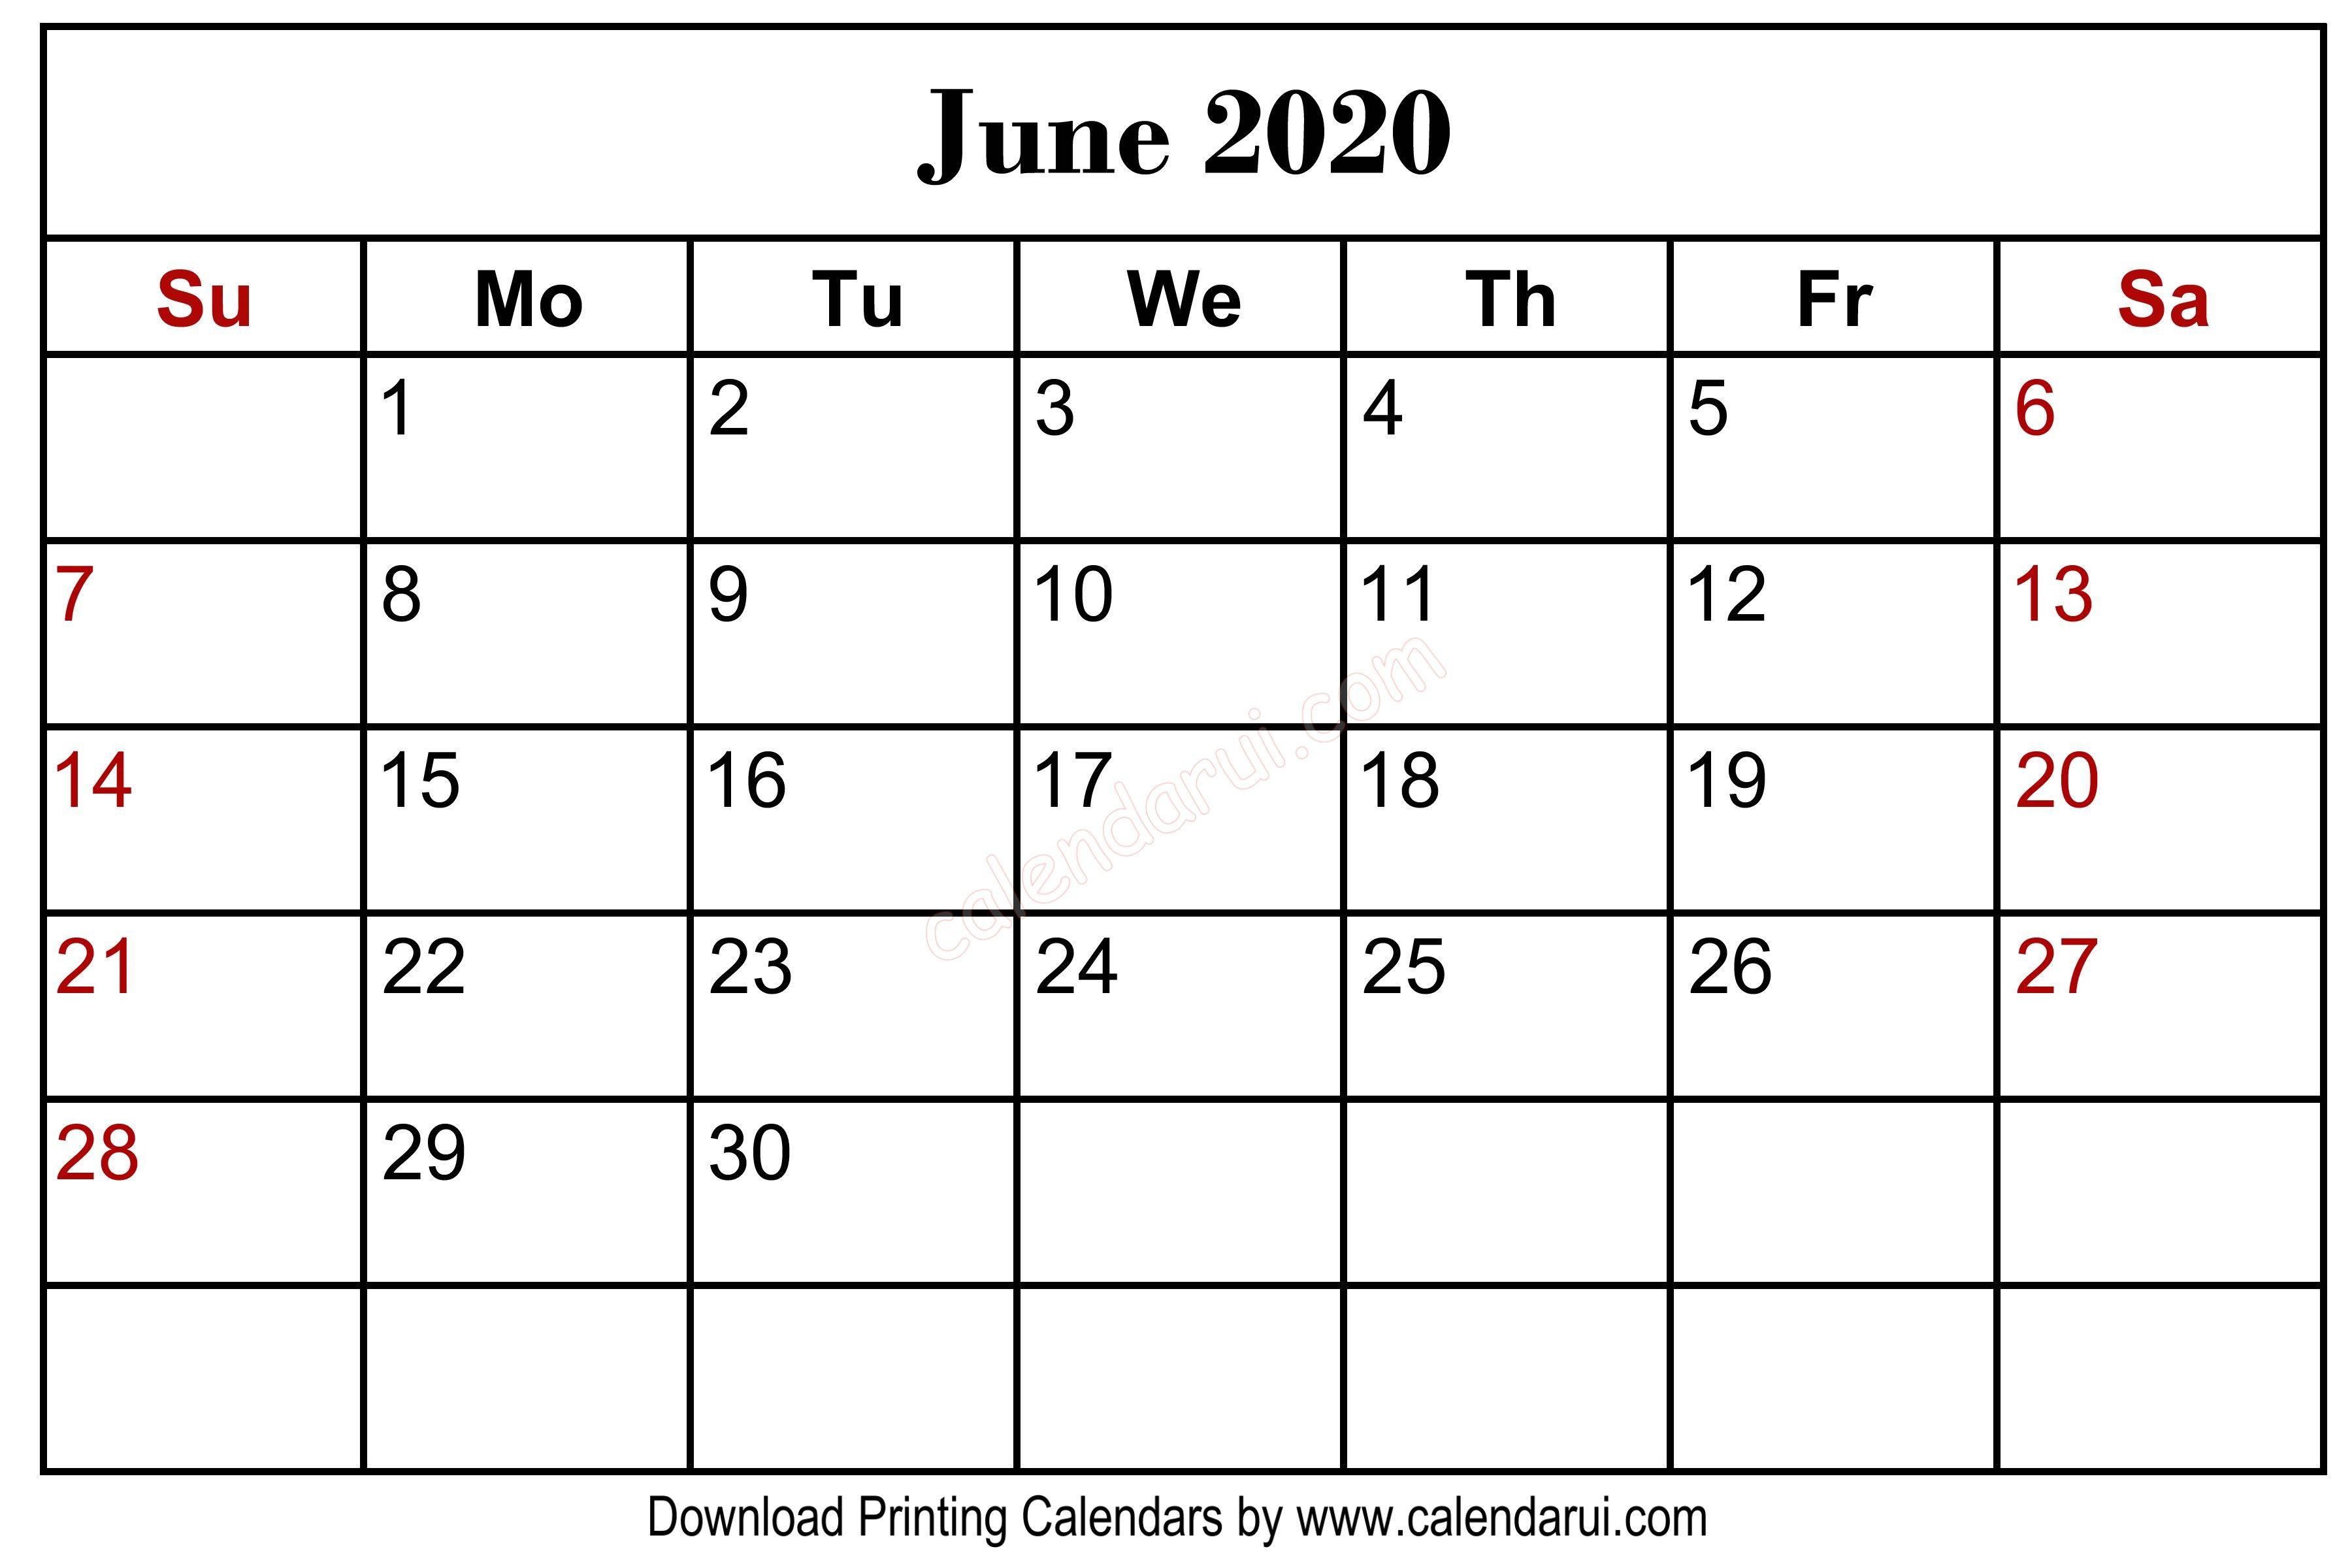 Homepage / 2020 Calendar / June 2020 Blank Calendar Printable